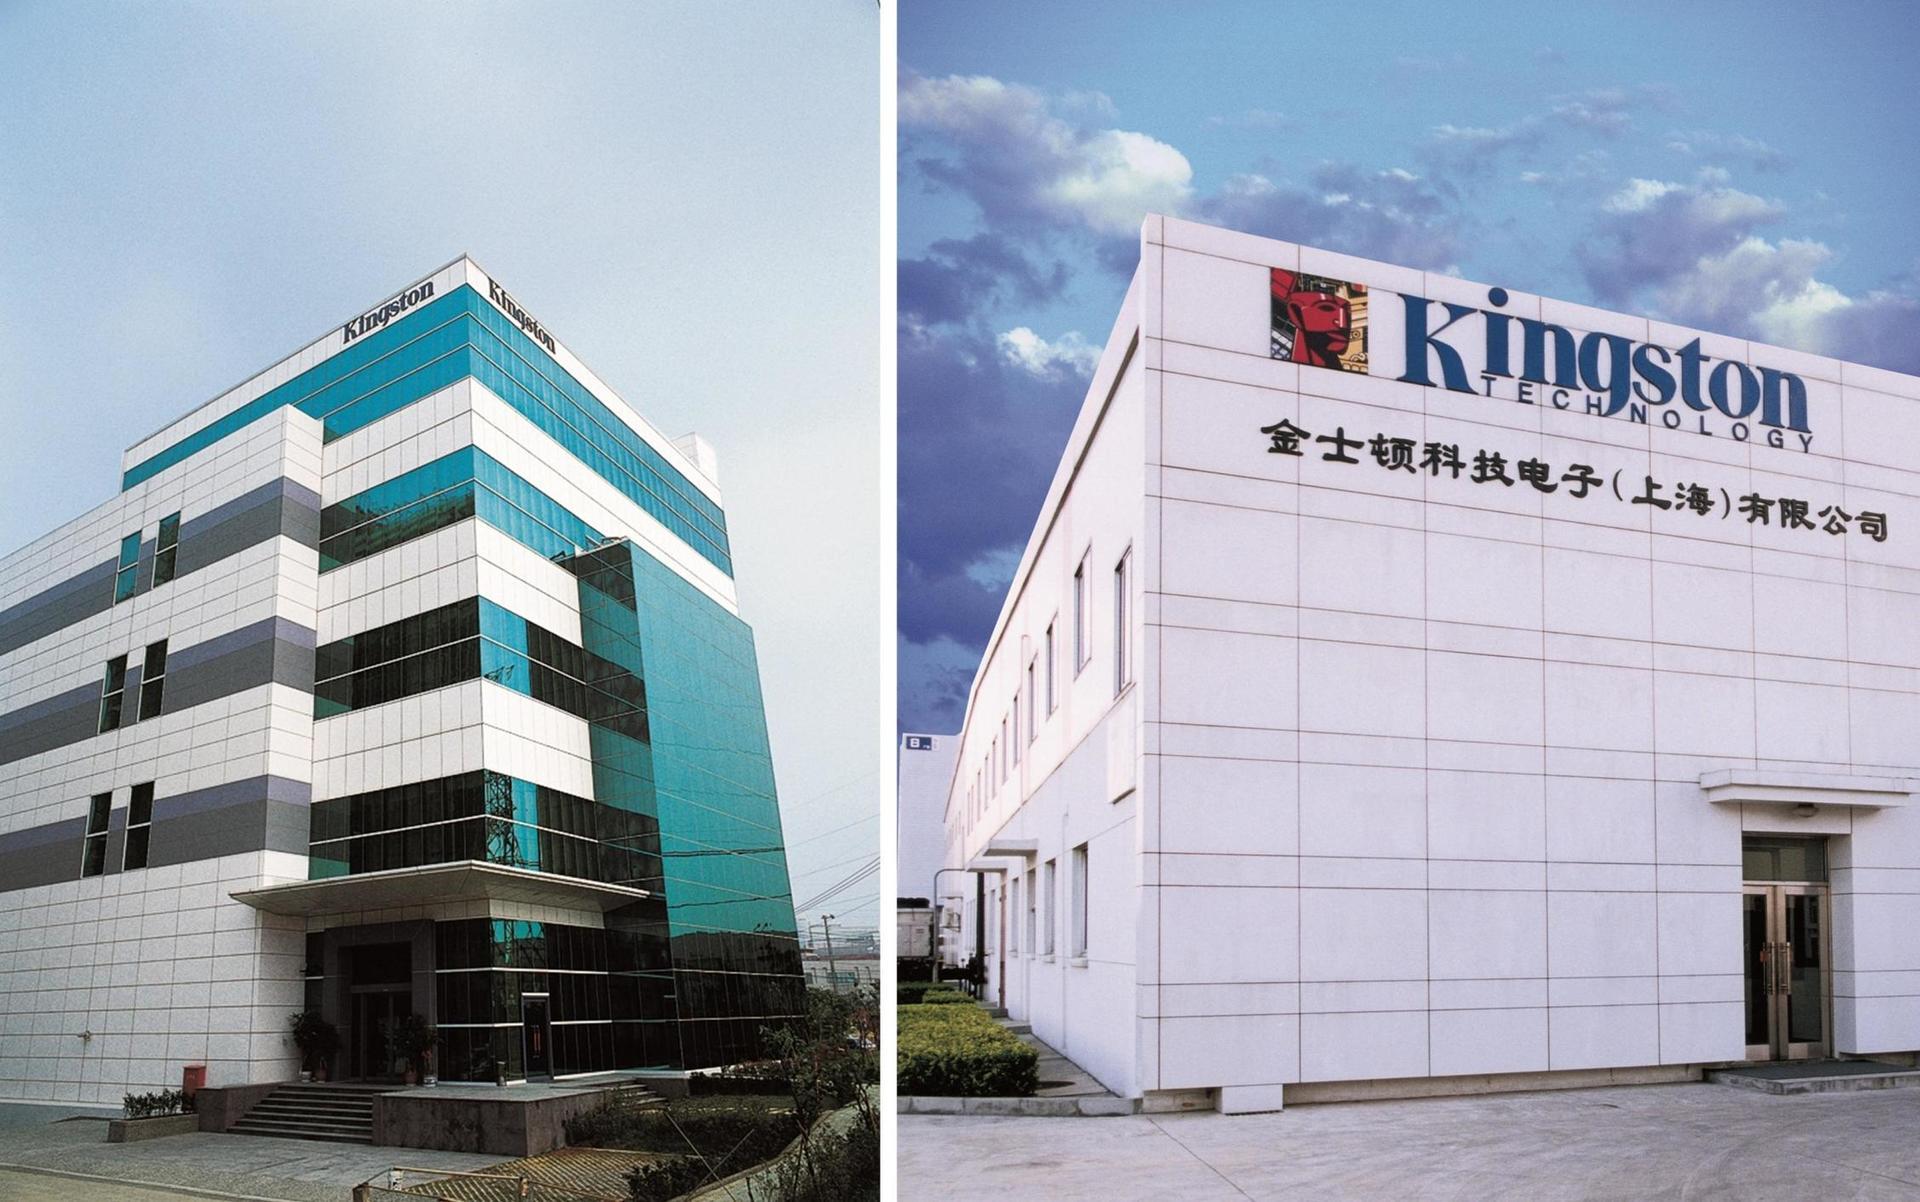 Родиться в кризис и всех победить, или история компании Kingston - 6